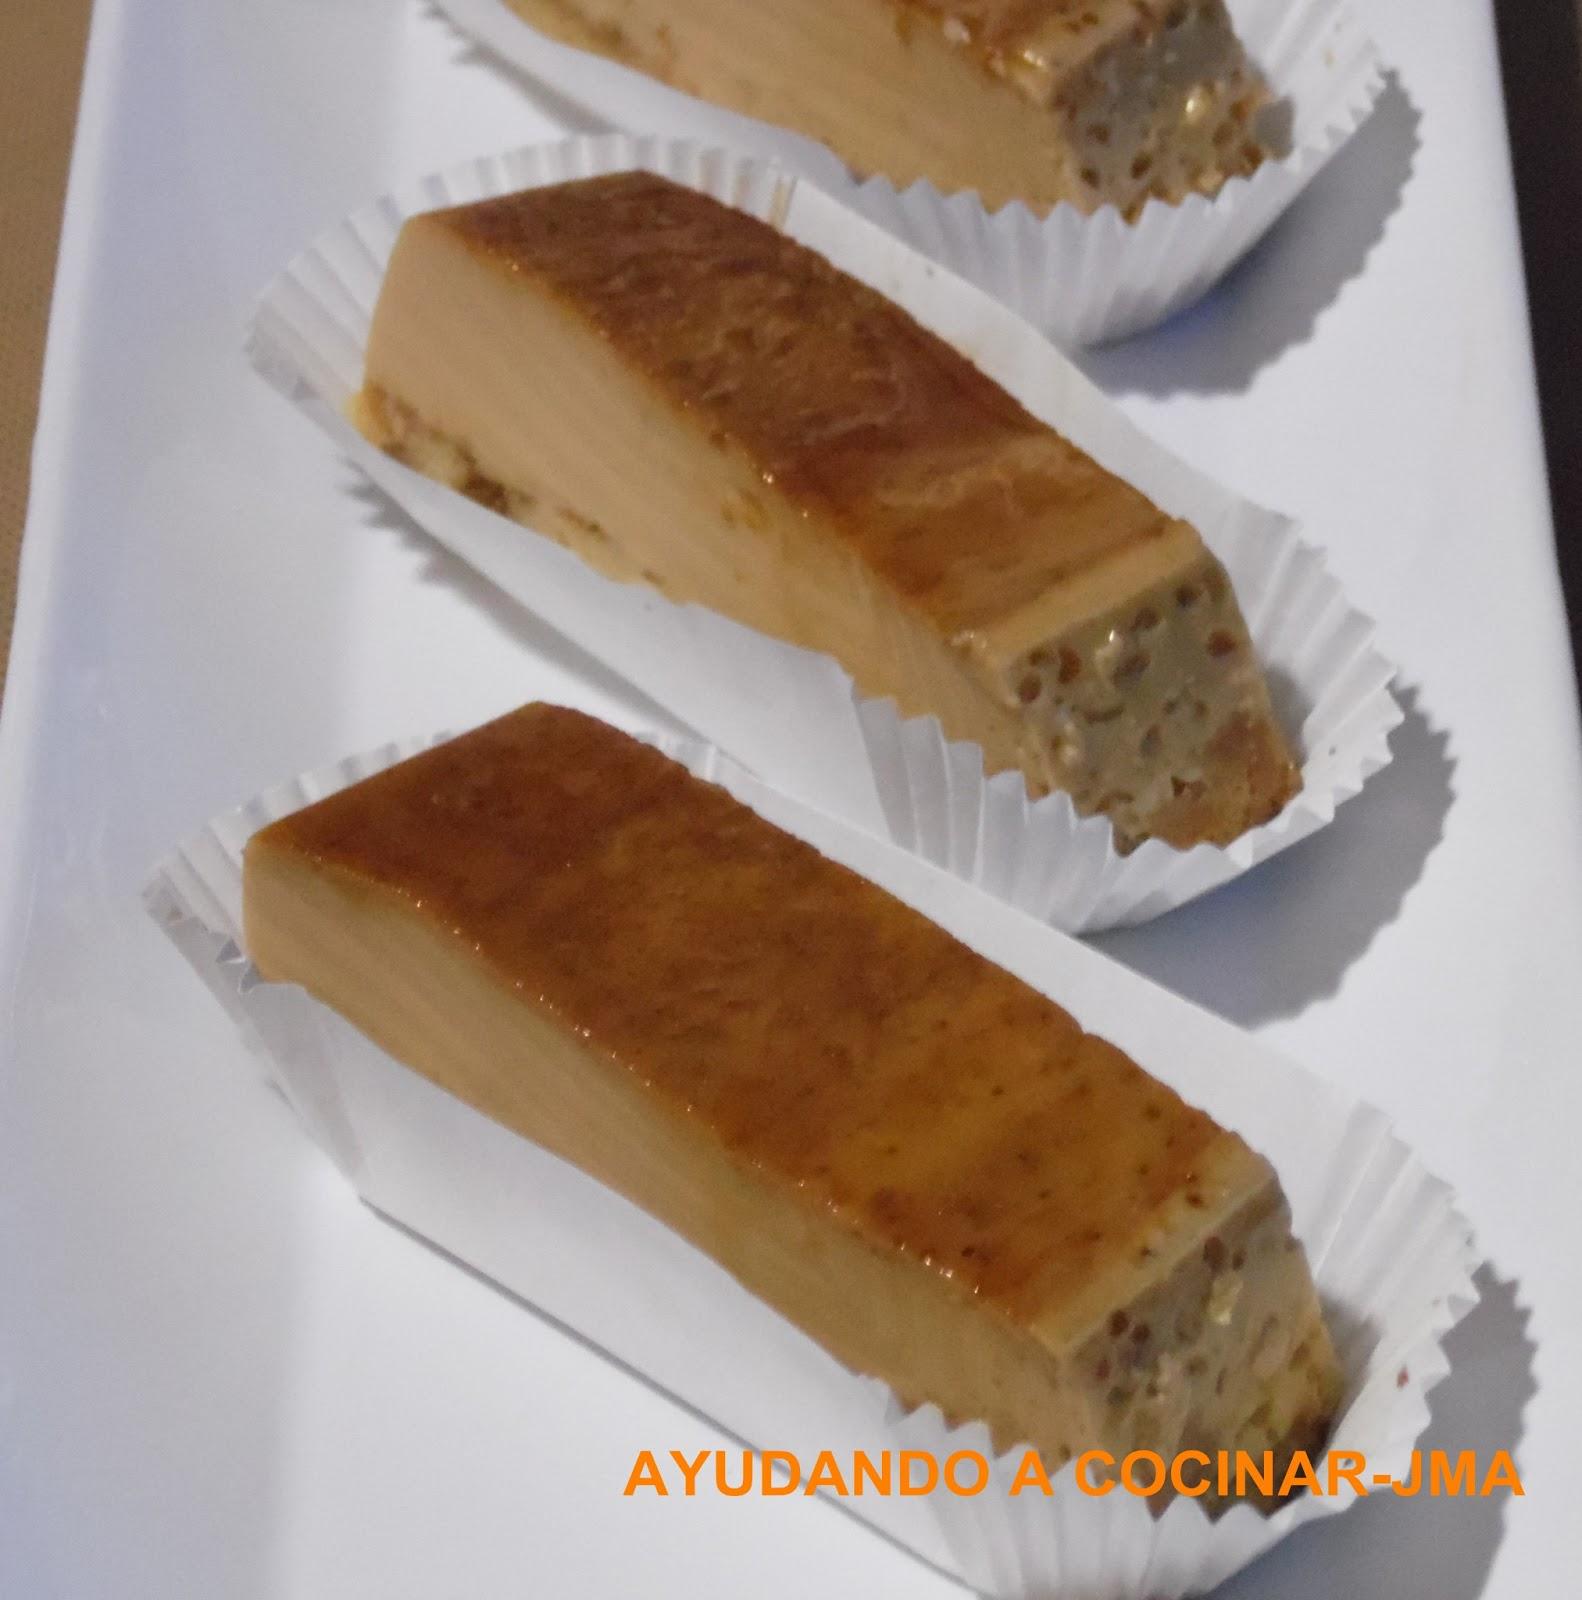 Ayudando A Cocinar Pan De Calatrava